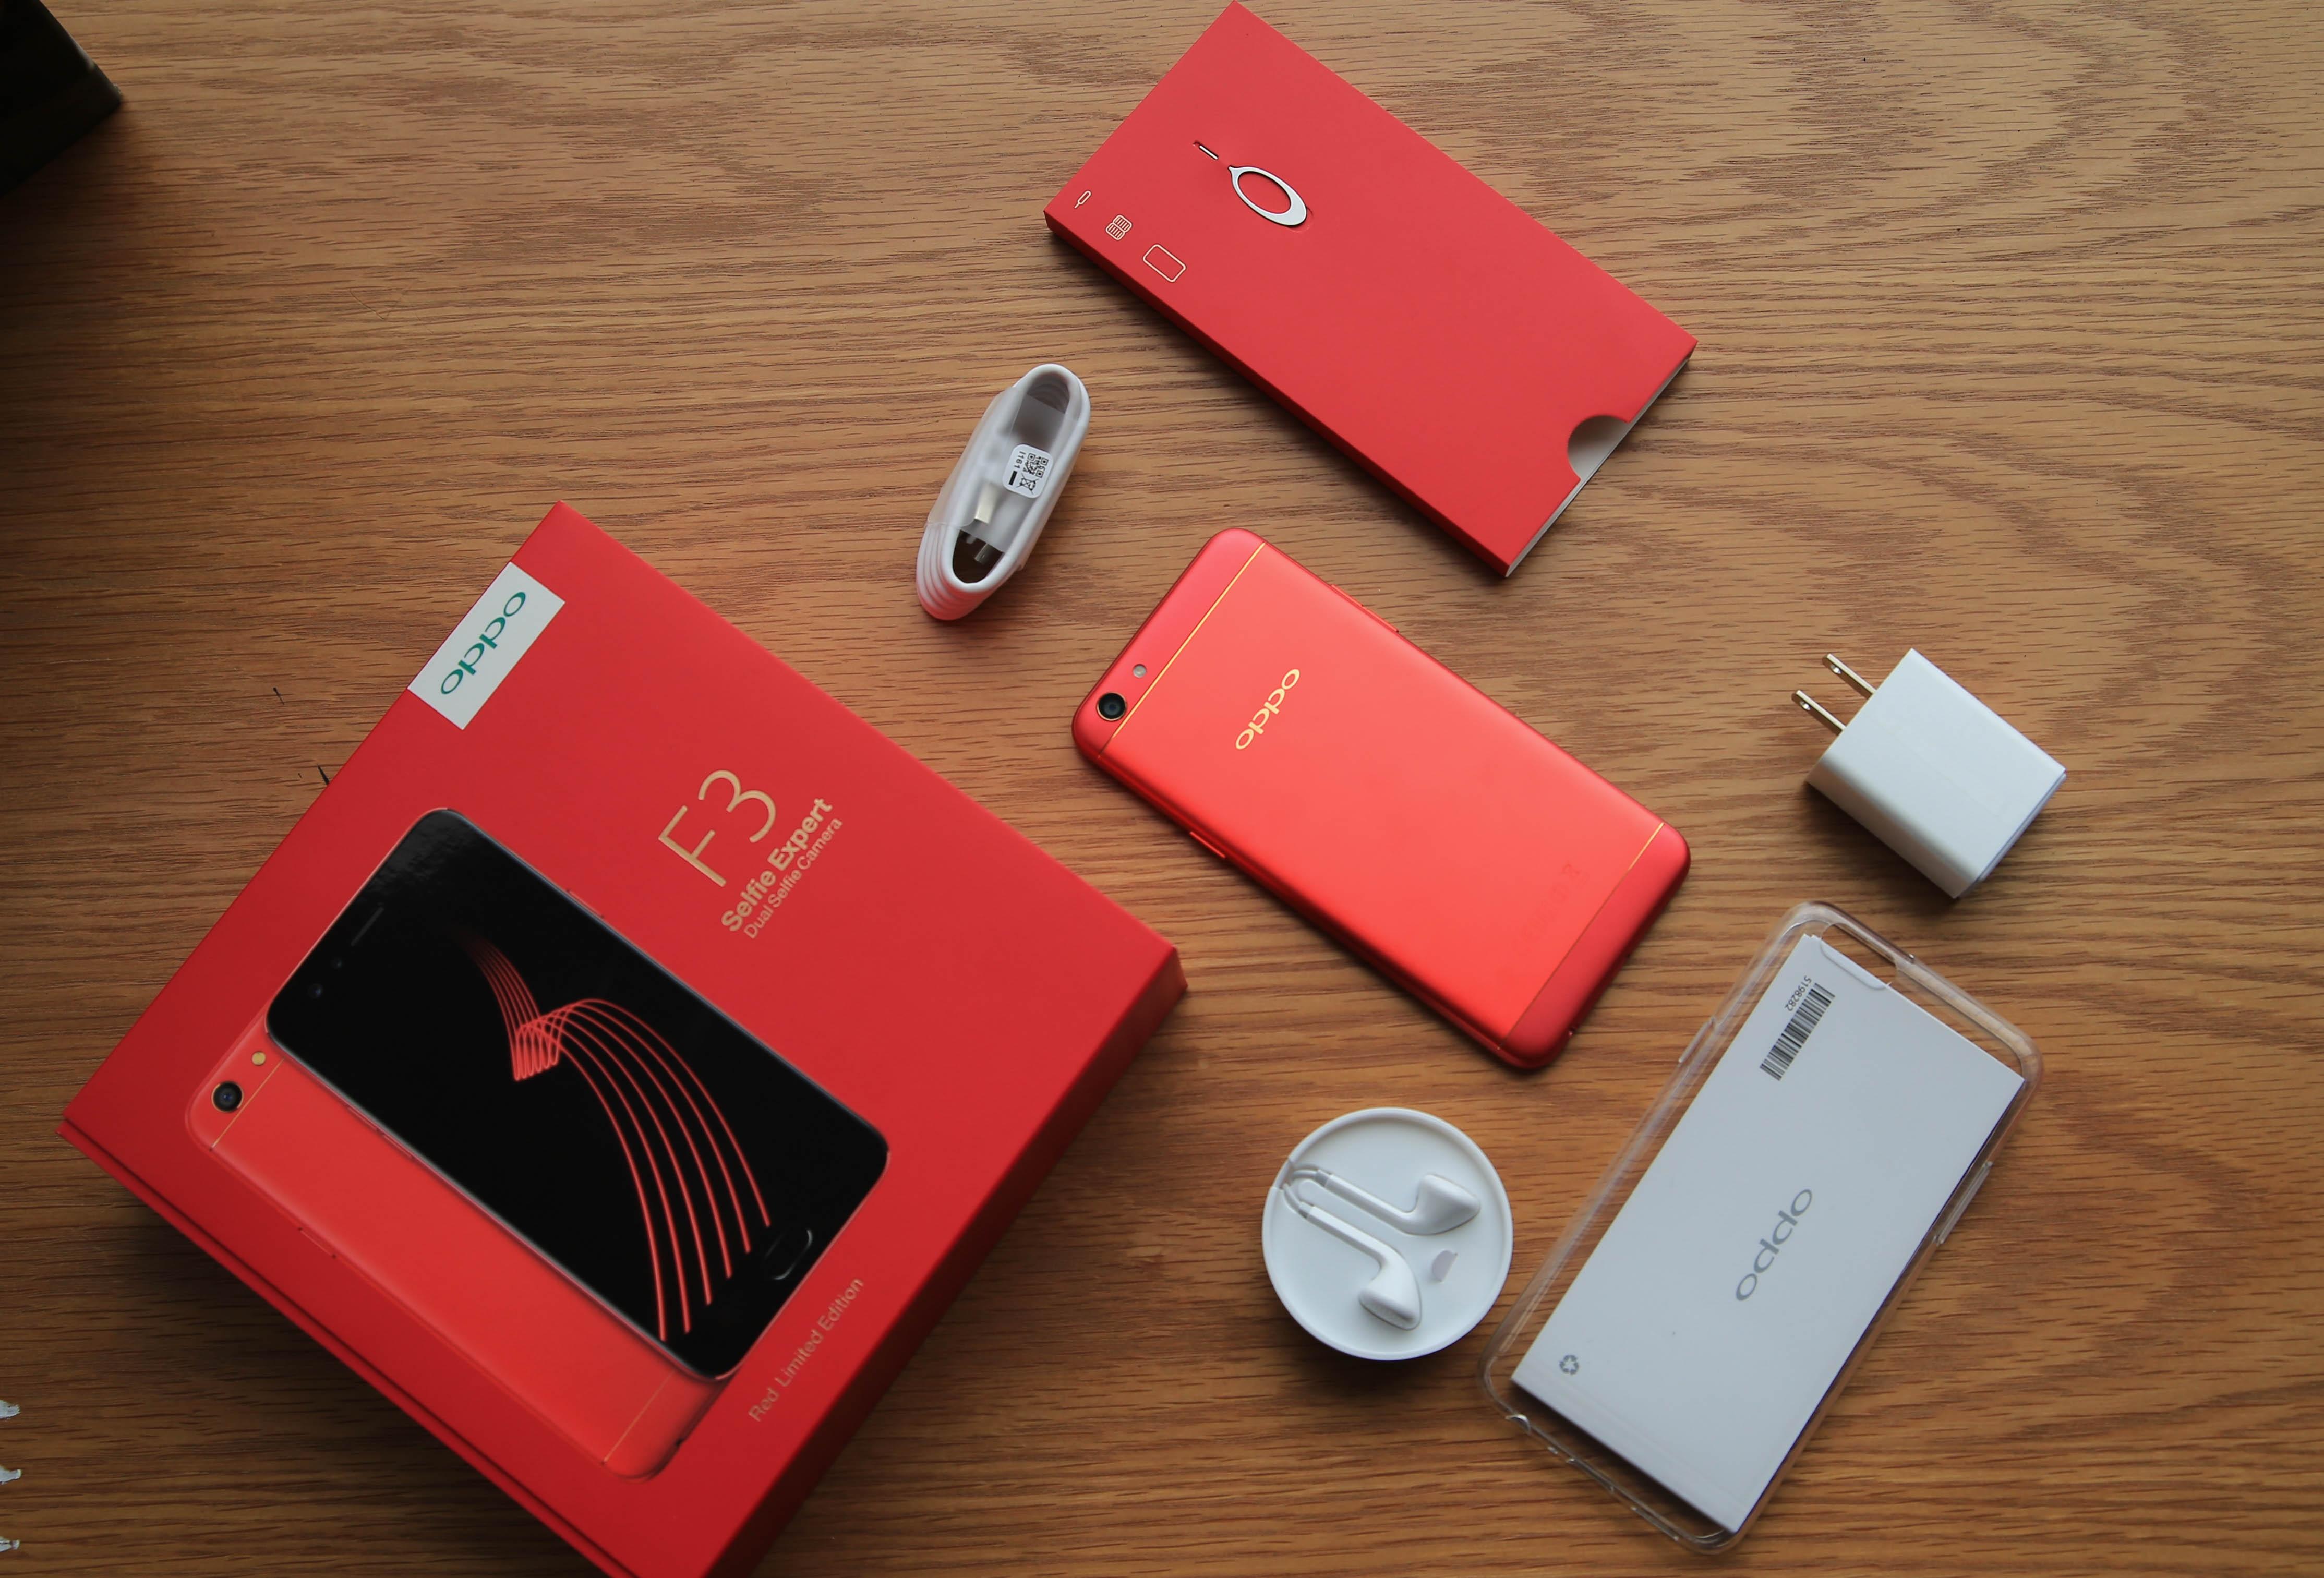 Đập hộp Oppo F3 màu đỏ chính hãng tại Việt Nam - 1